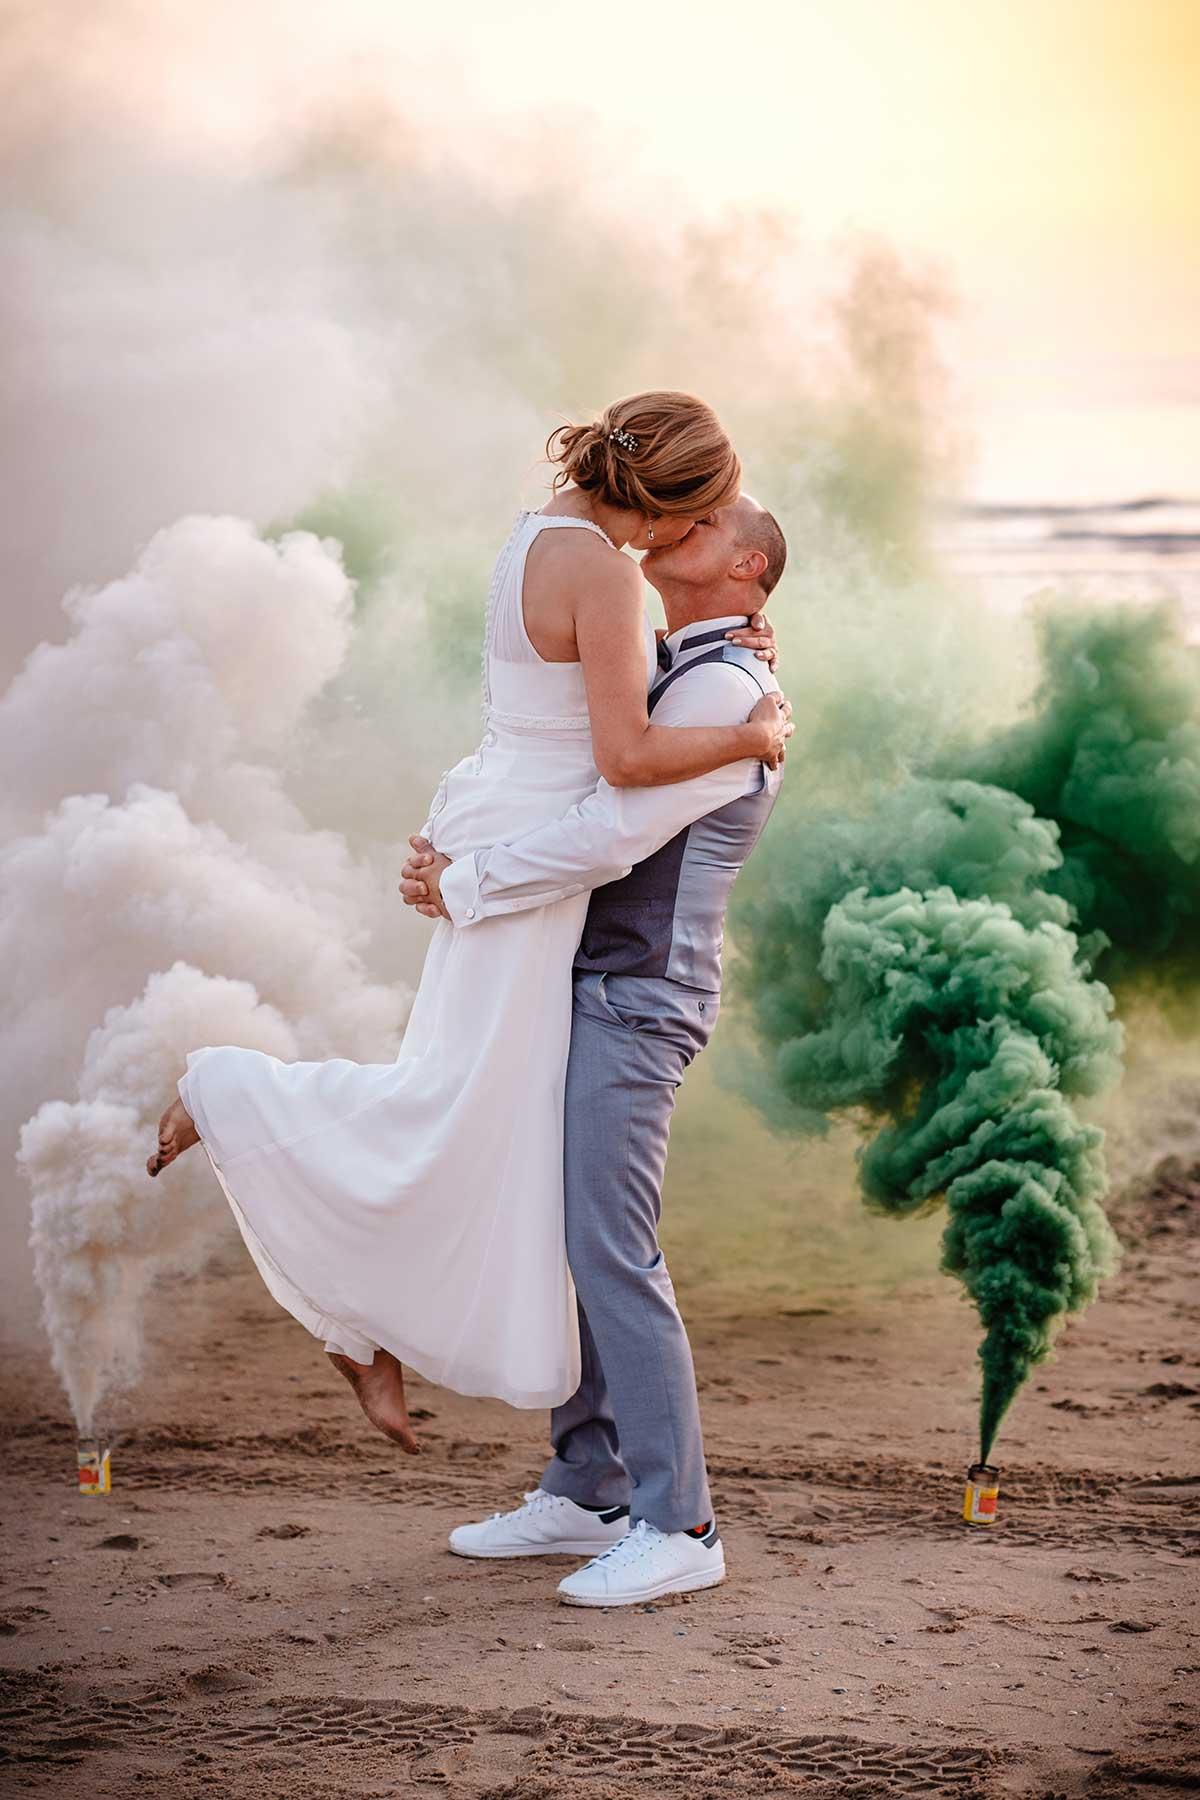 Brautpaar-Fotoshooting mit Rauchbomben